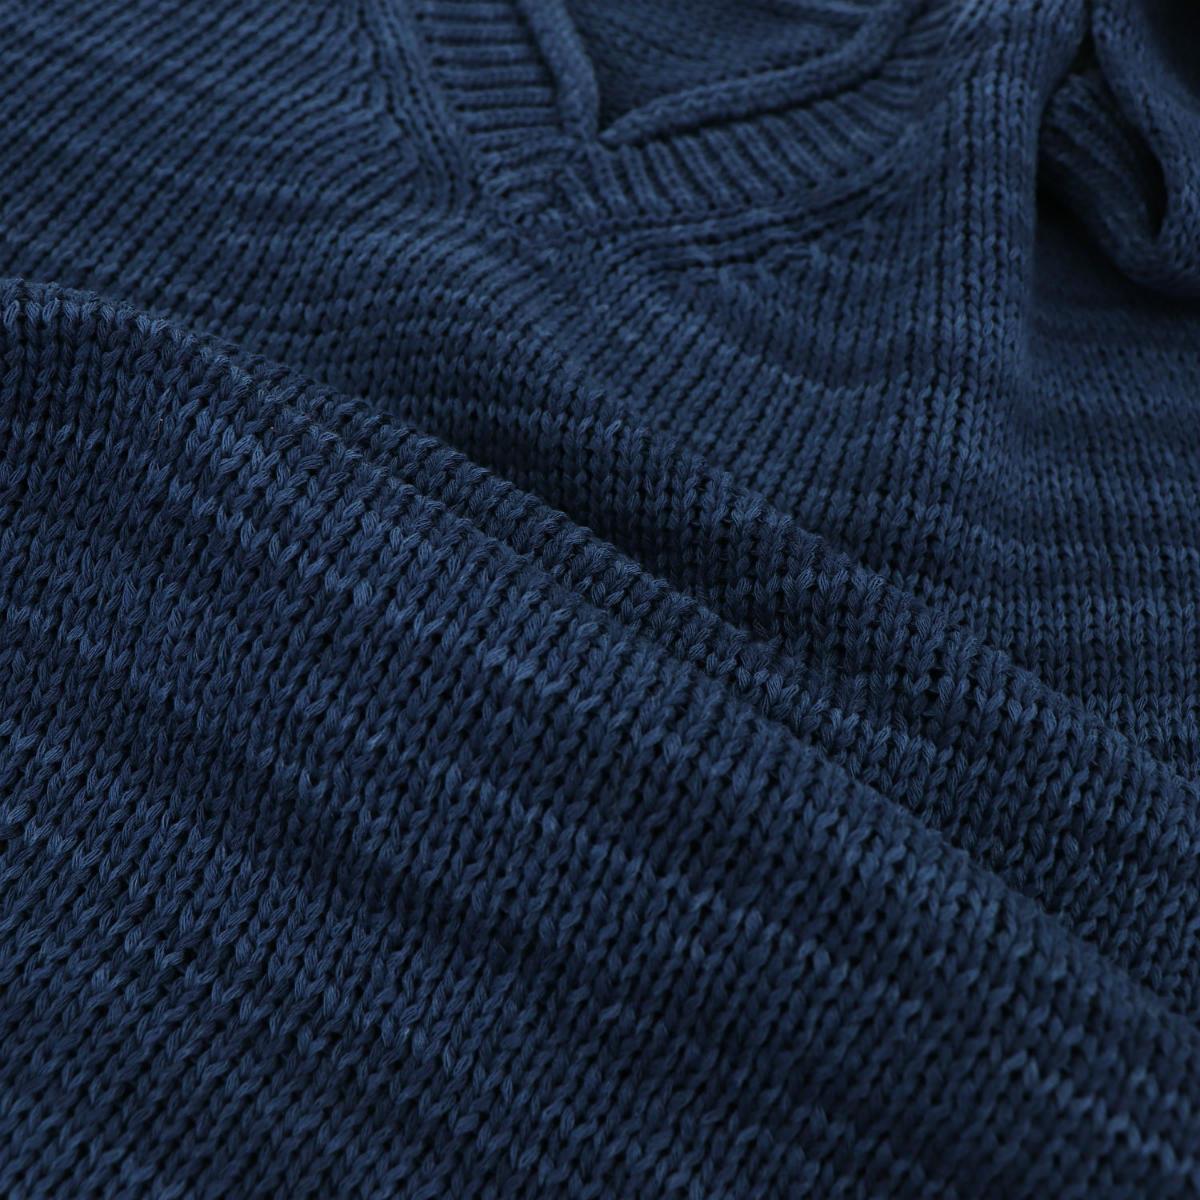 リナシェンテ RINASCENTE メンズ コットン ミドルゲージ Vネックサマーニットセーター 60205 RST(ネイビー) 春夏新作